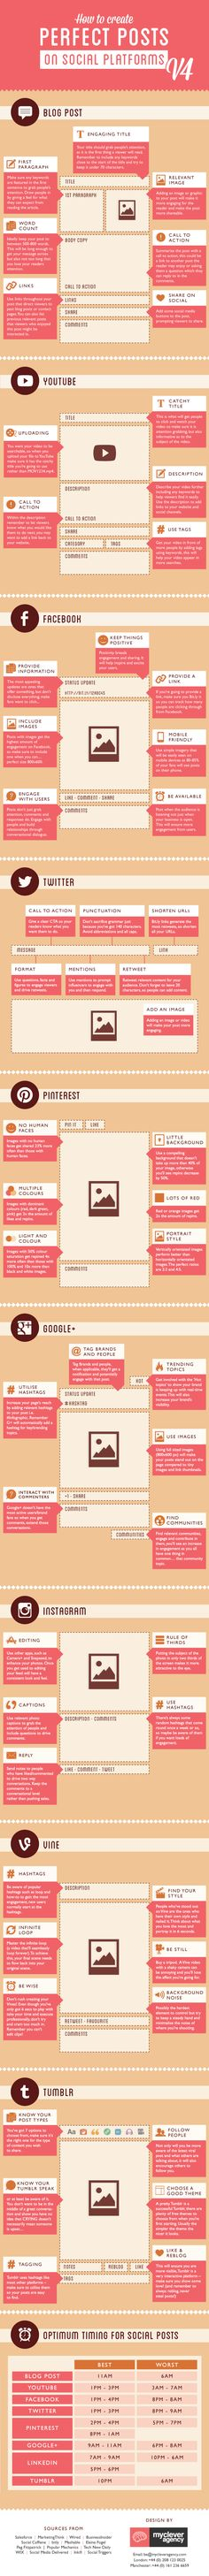 Infographic – Den perfekte social media post | Digital Works